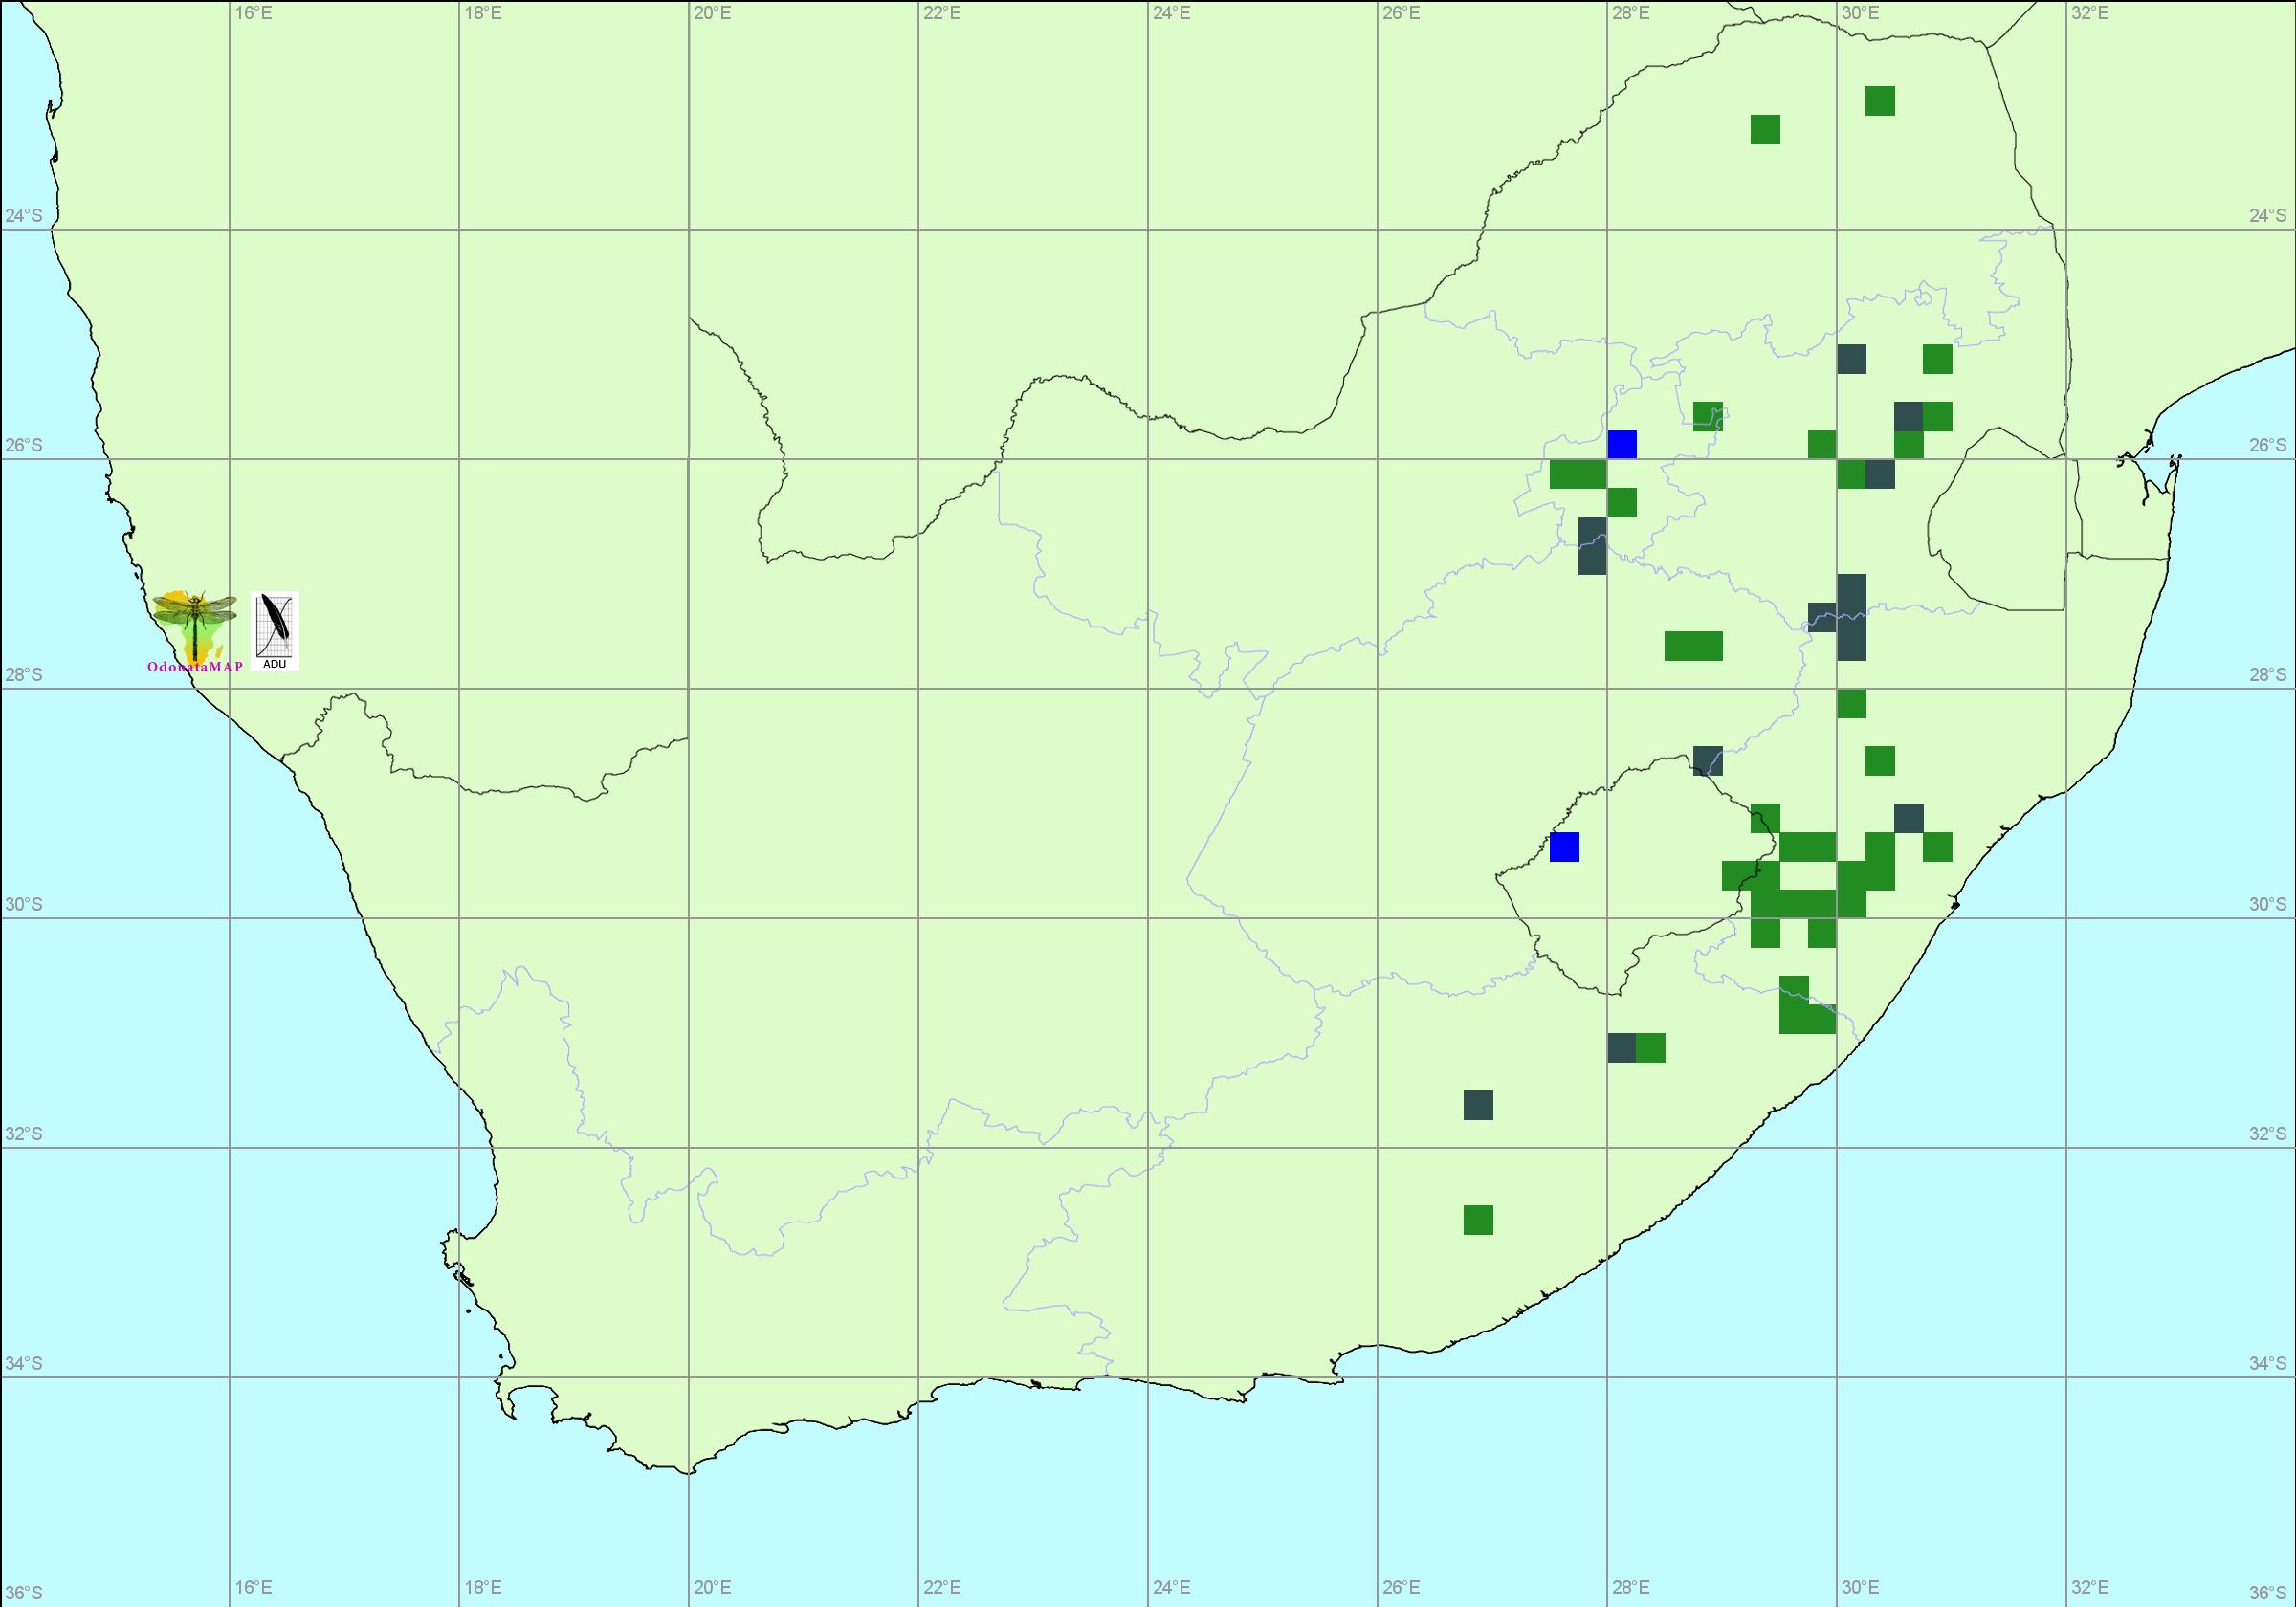 http://vmus.adu.org.za/vm_map_afr.php?&database=odonata&grid=2&outline=1&key=0&map=3&spp=663170